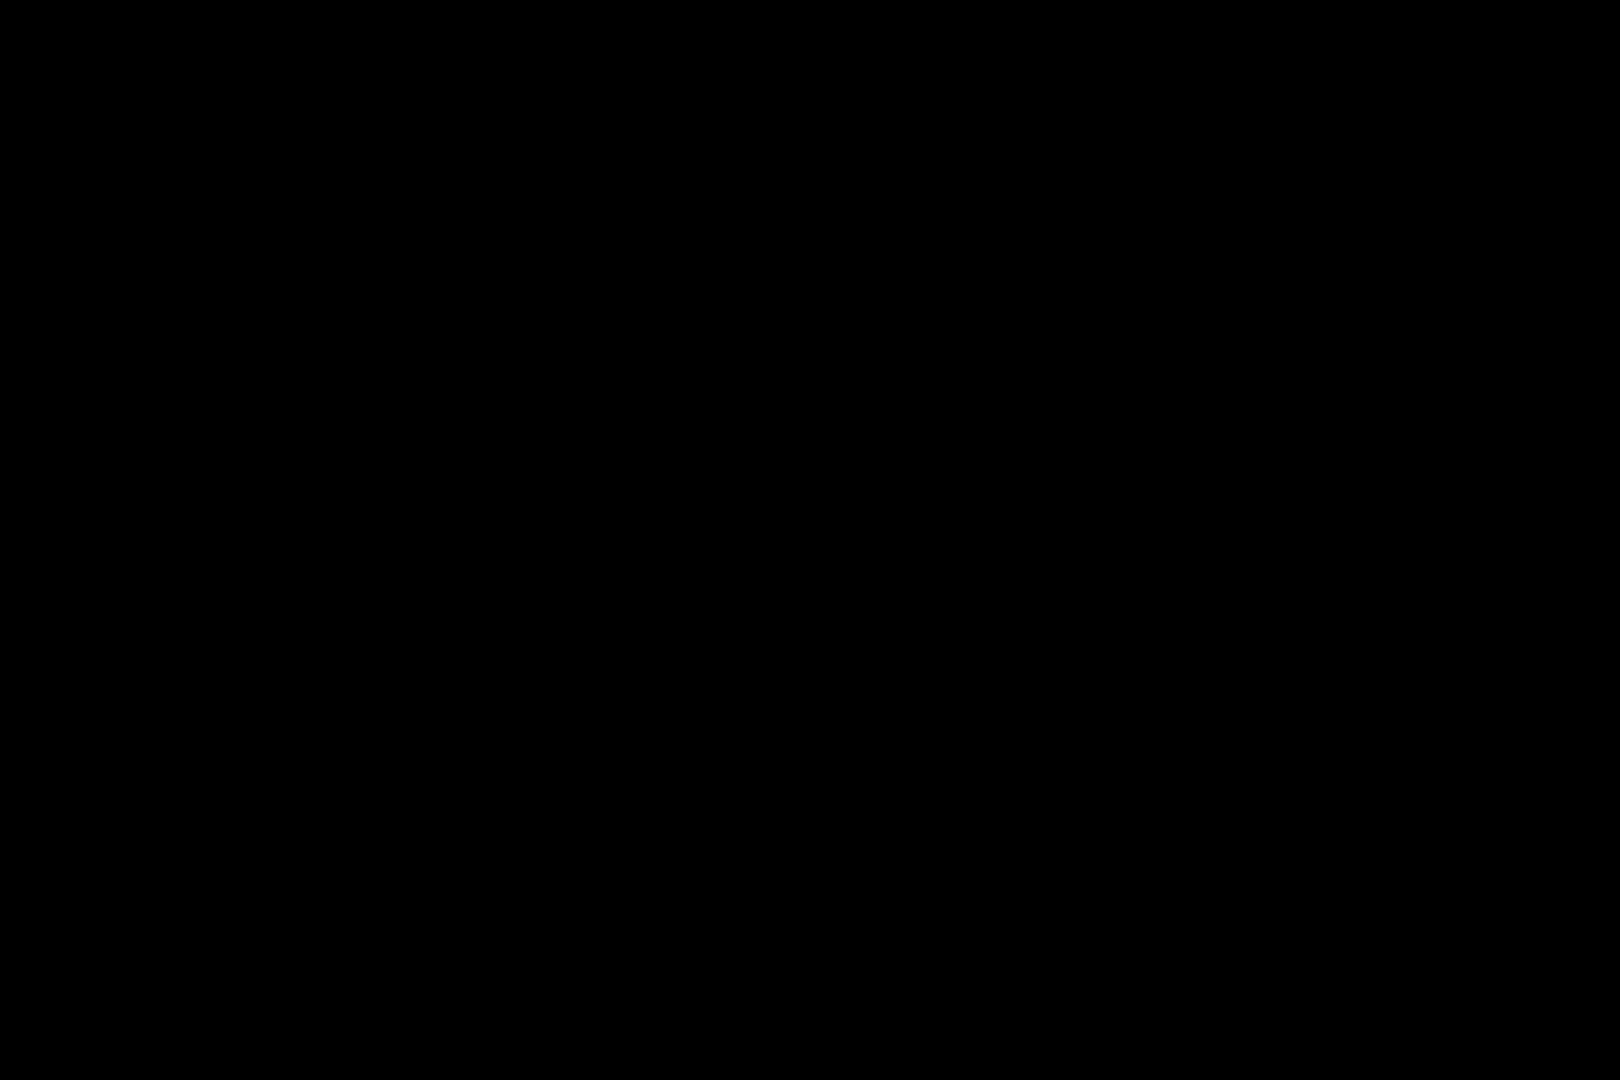 充血監督の深夜の運動会Vol.133 カップル おめこ無修正画像 96pic 39